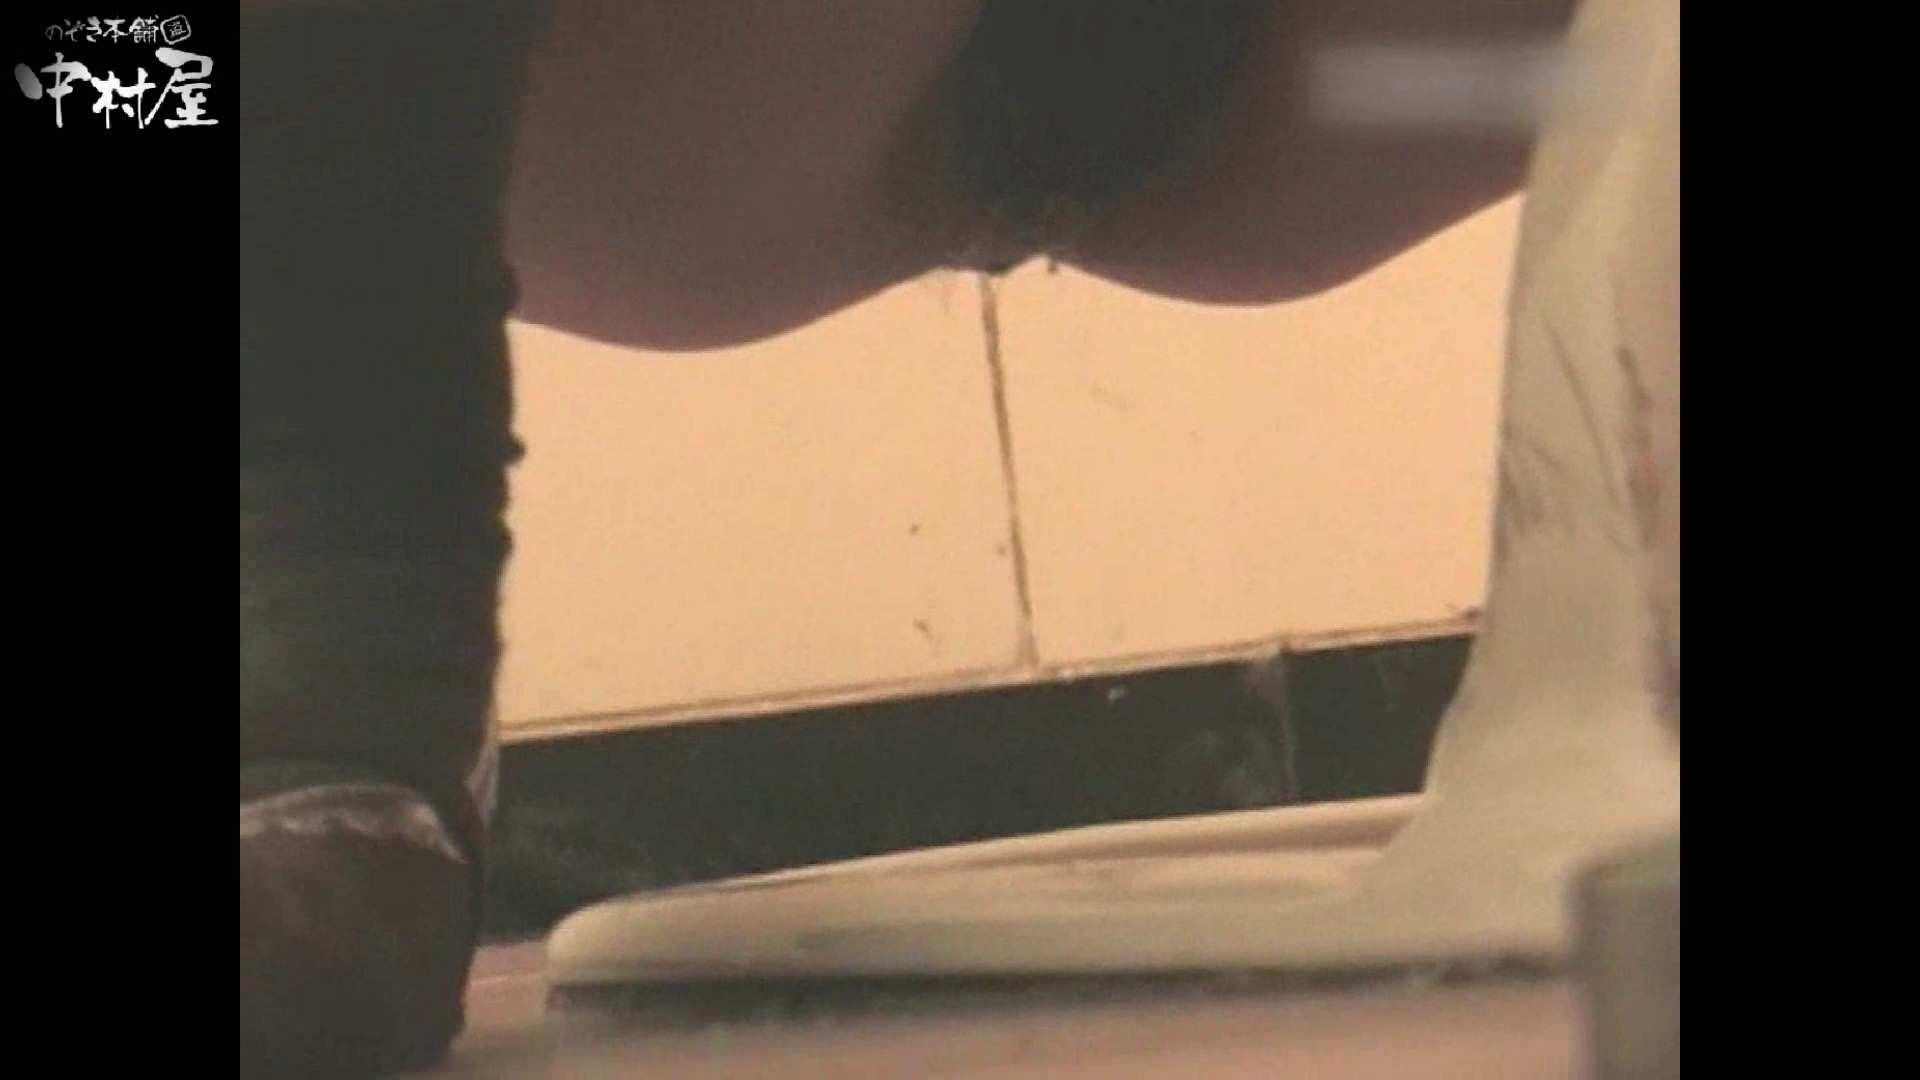 岩手県在住盗撮師盗撮記録vol.08 盗撮師作品 | 厠隠し撮り  79pic 22